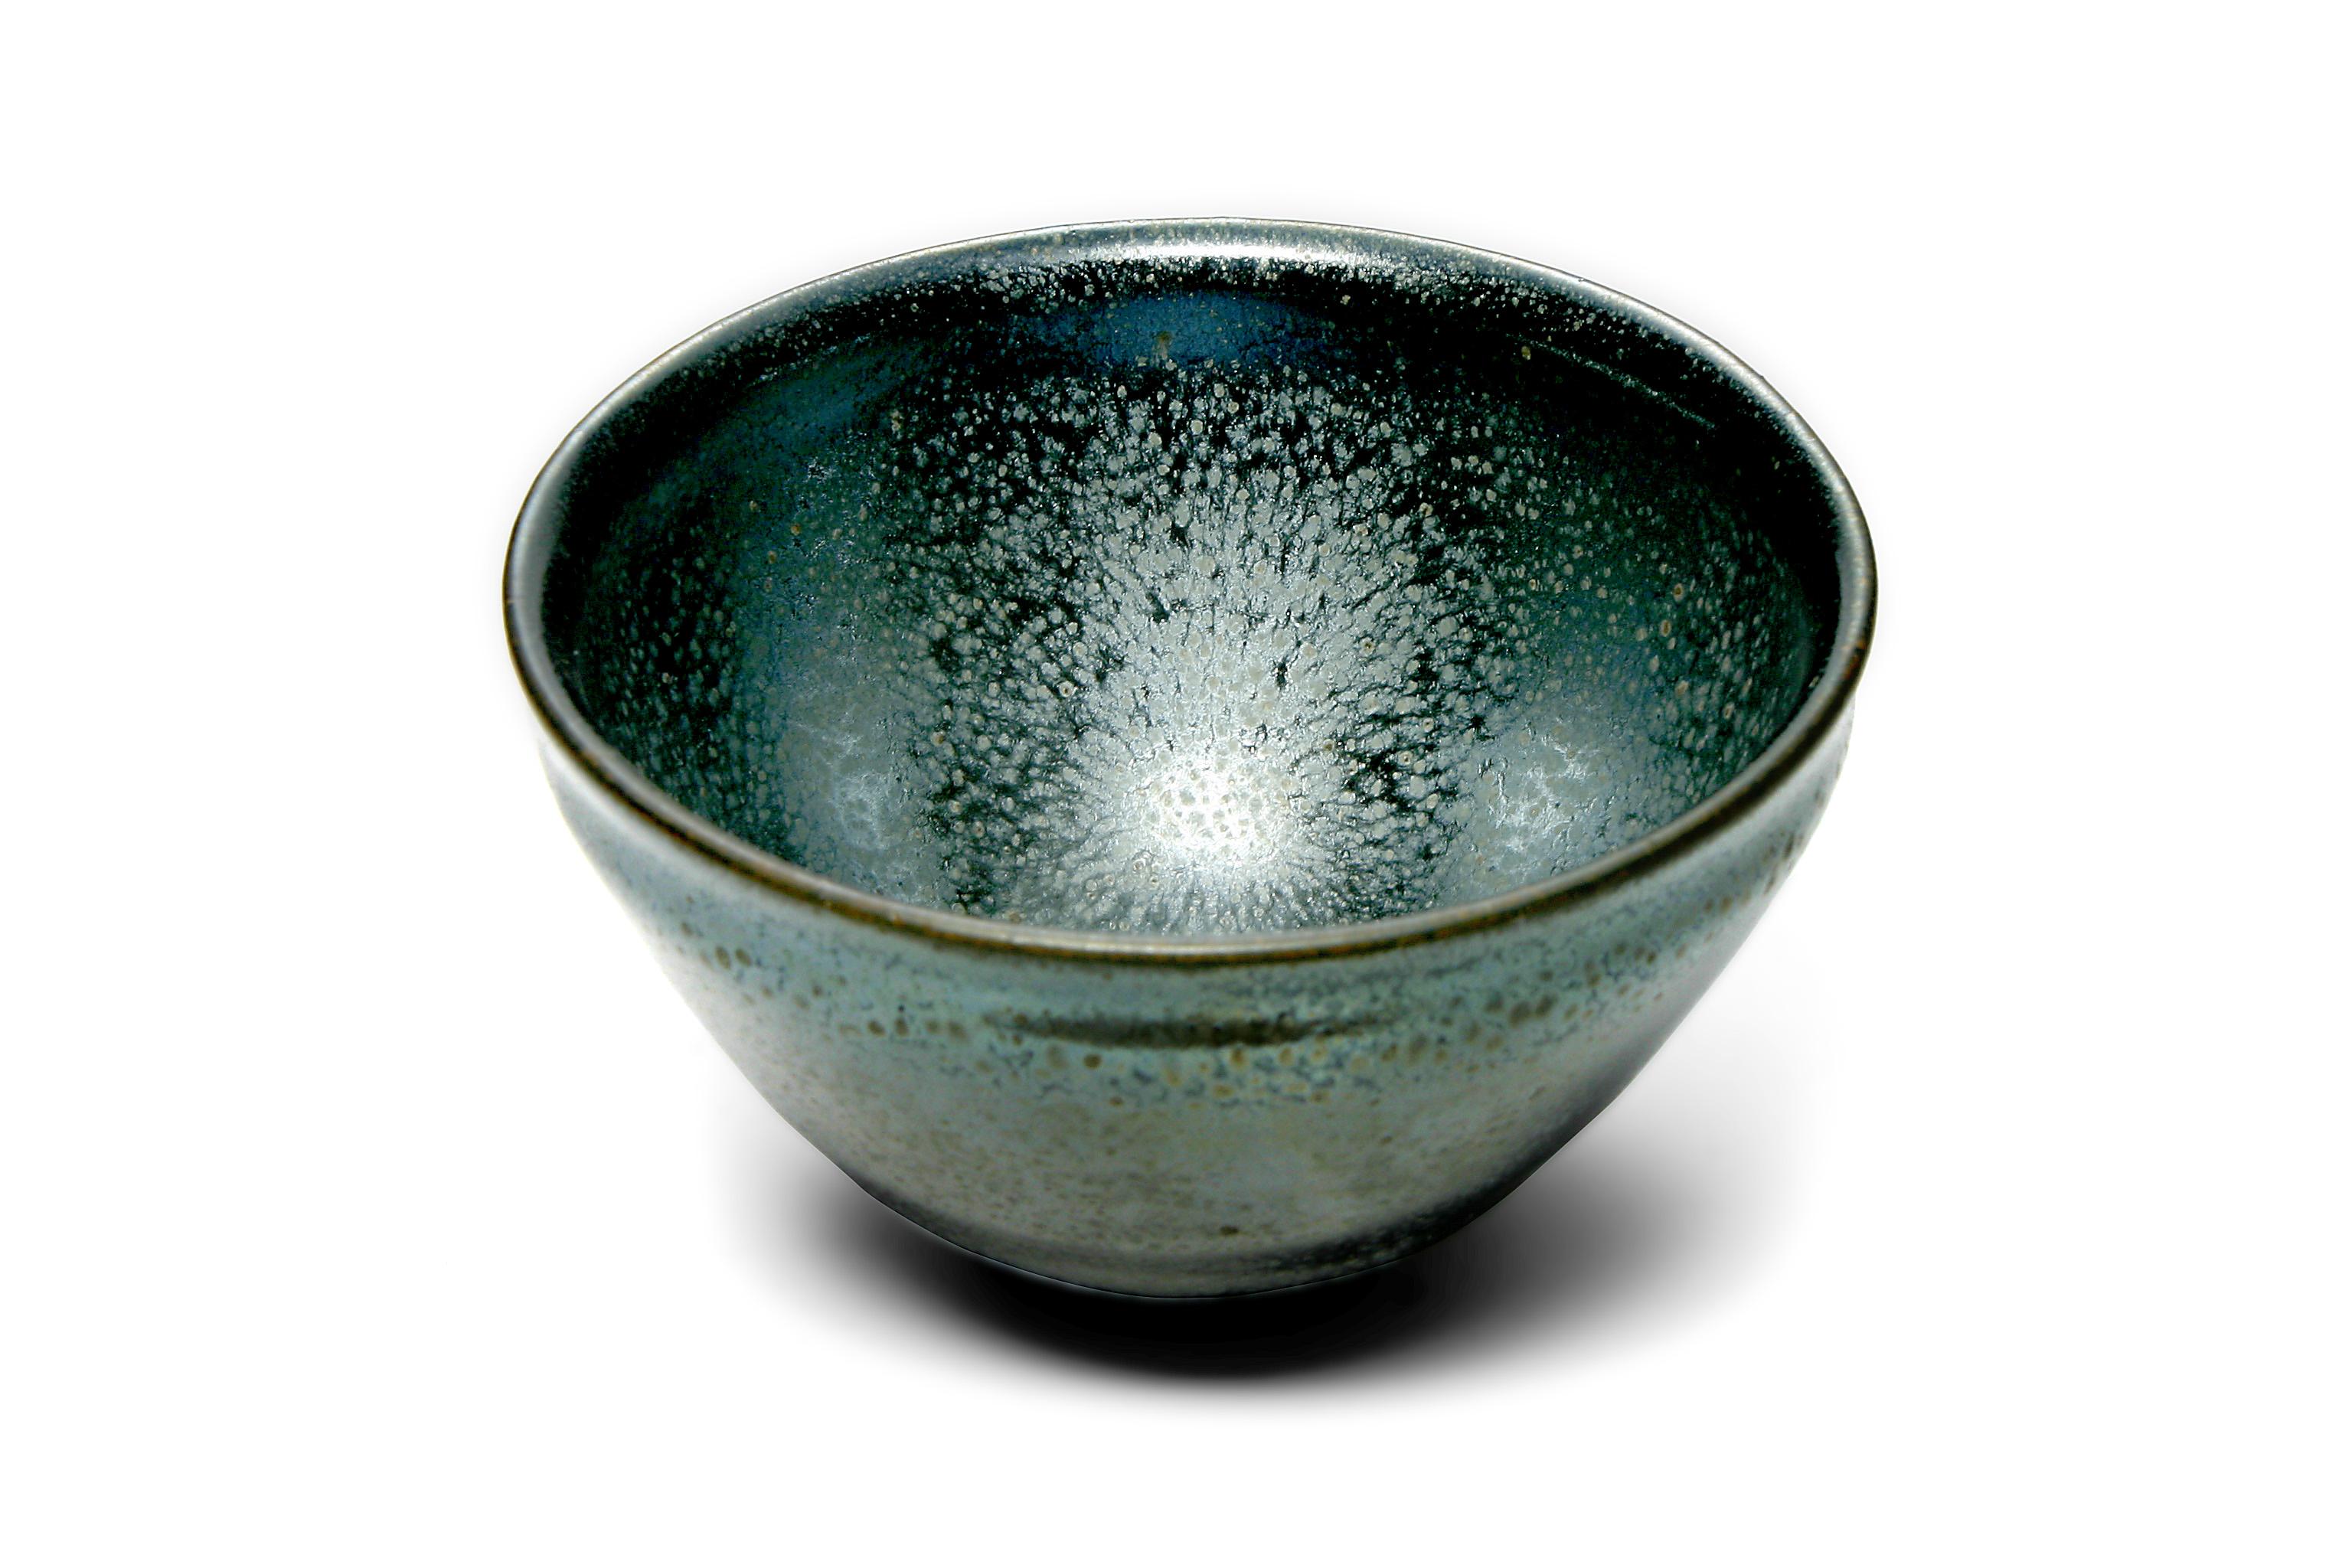 銀油滴天目茶碗